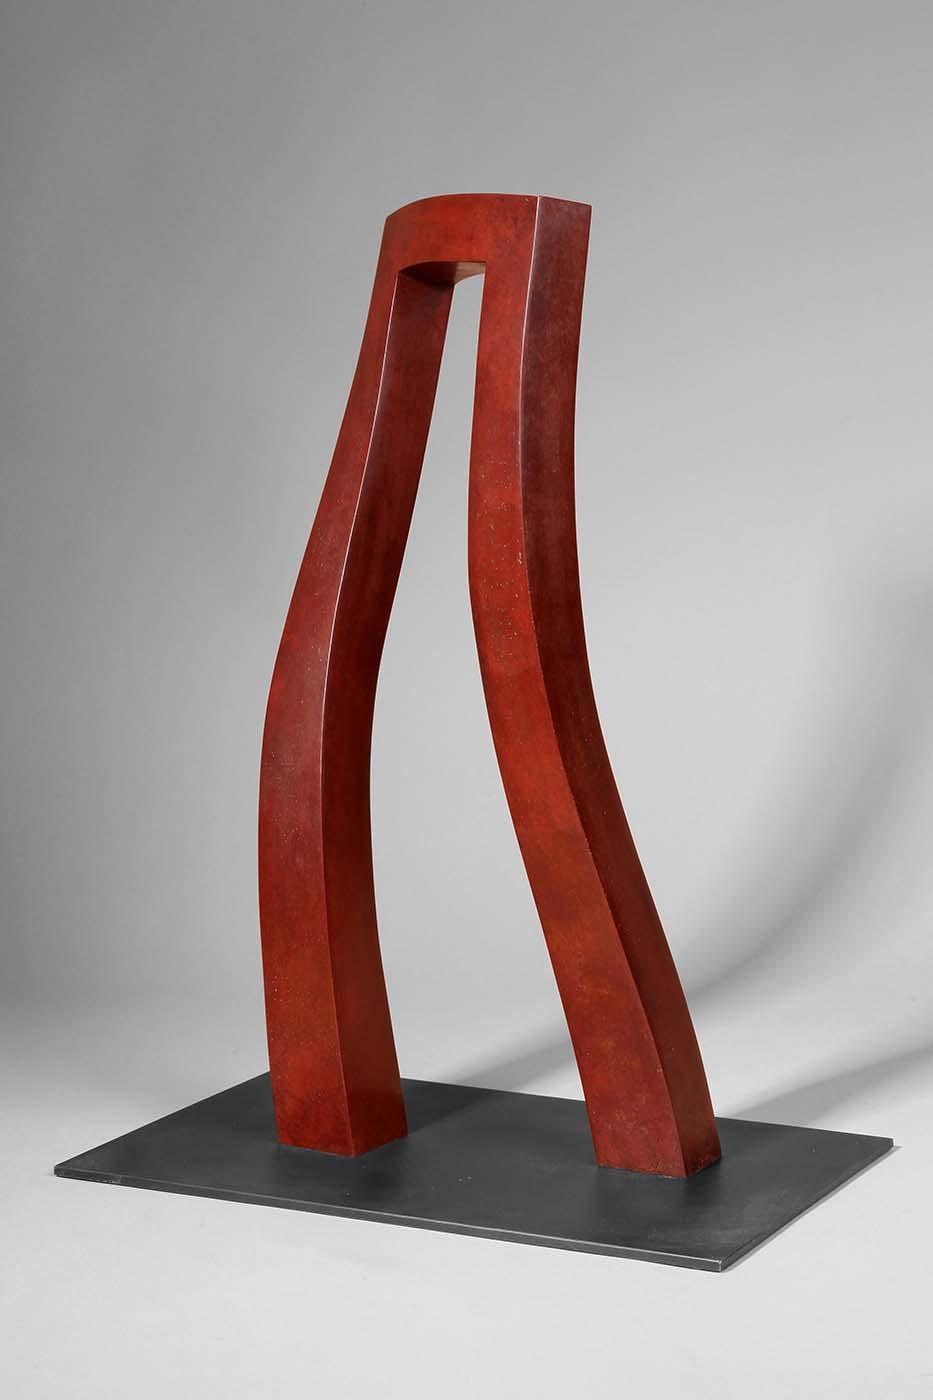 Großer Schritt, 2011, Bronze, 48 x 21 x 15 cm (01)